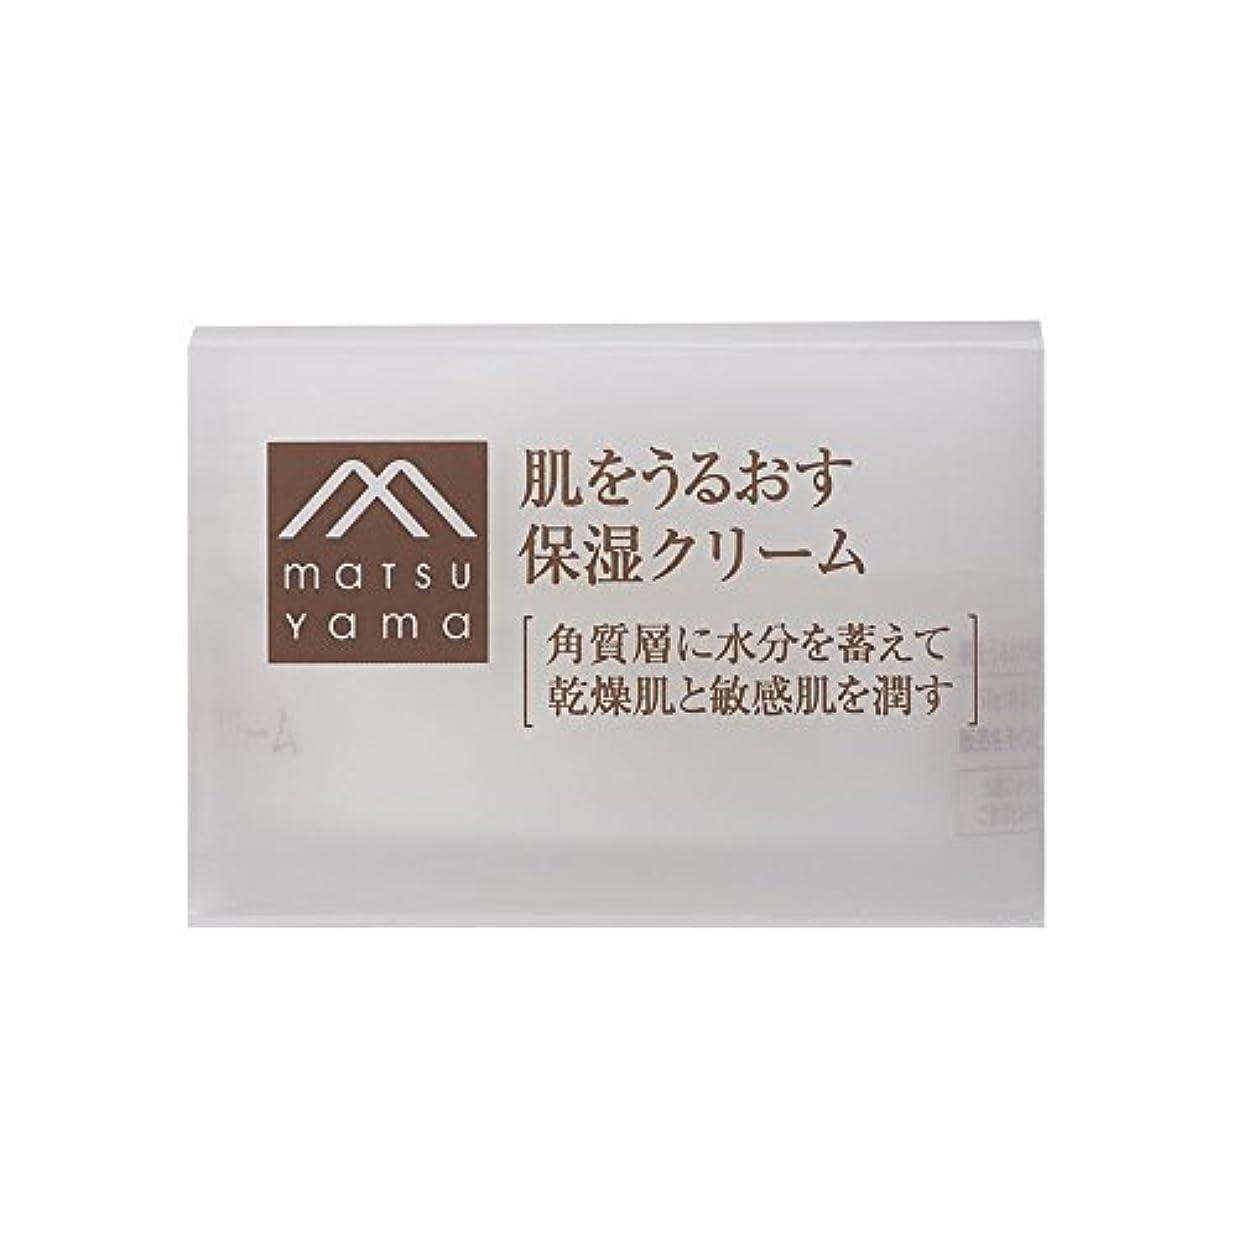 パークベルト手荷物肌をうるおす保湿クリーム(クリーム) 濃厚クリーム [乾燥肌 敏感肌]